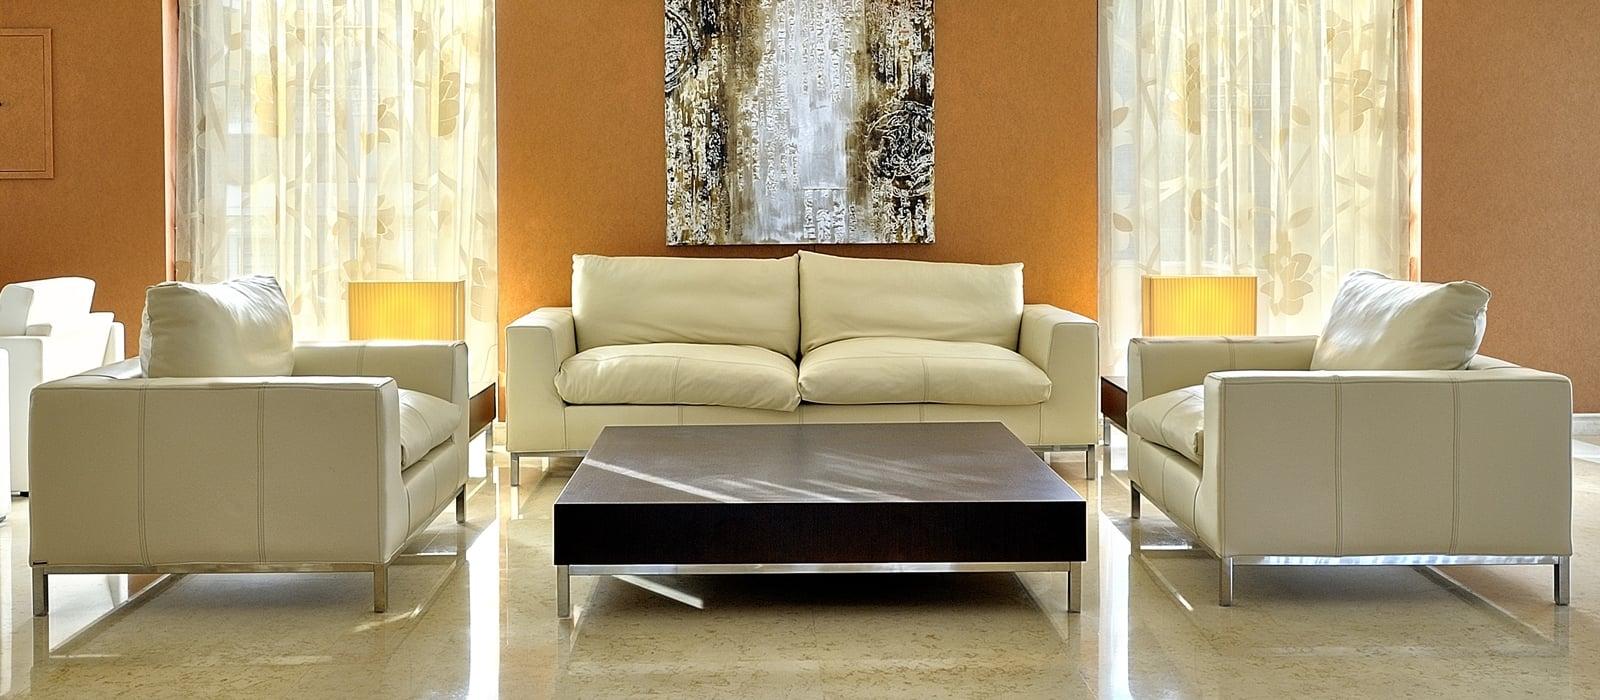 Il salone | Servizi Aleysa Hotel Boutique & Spa - Vincci Hoteles